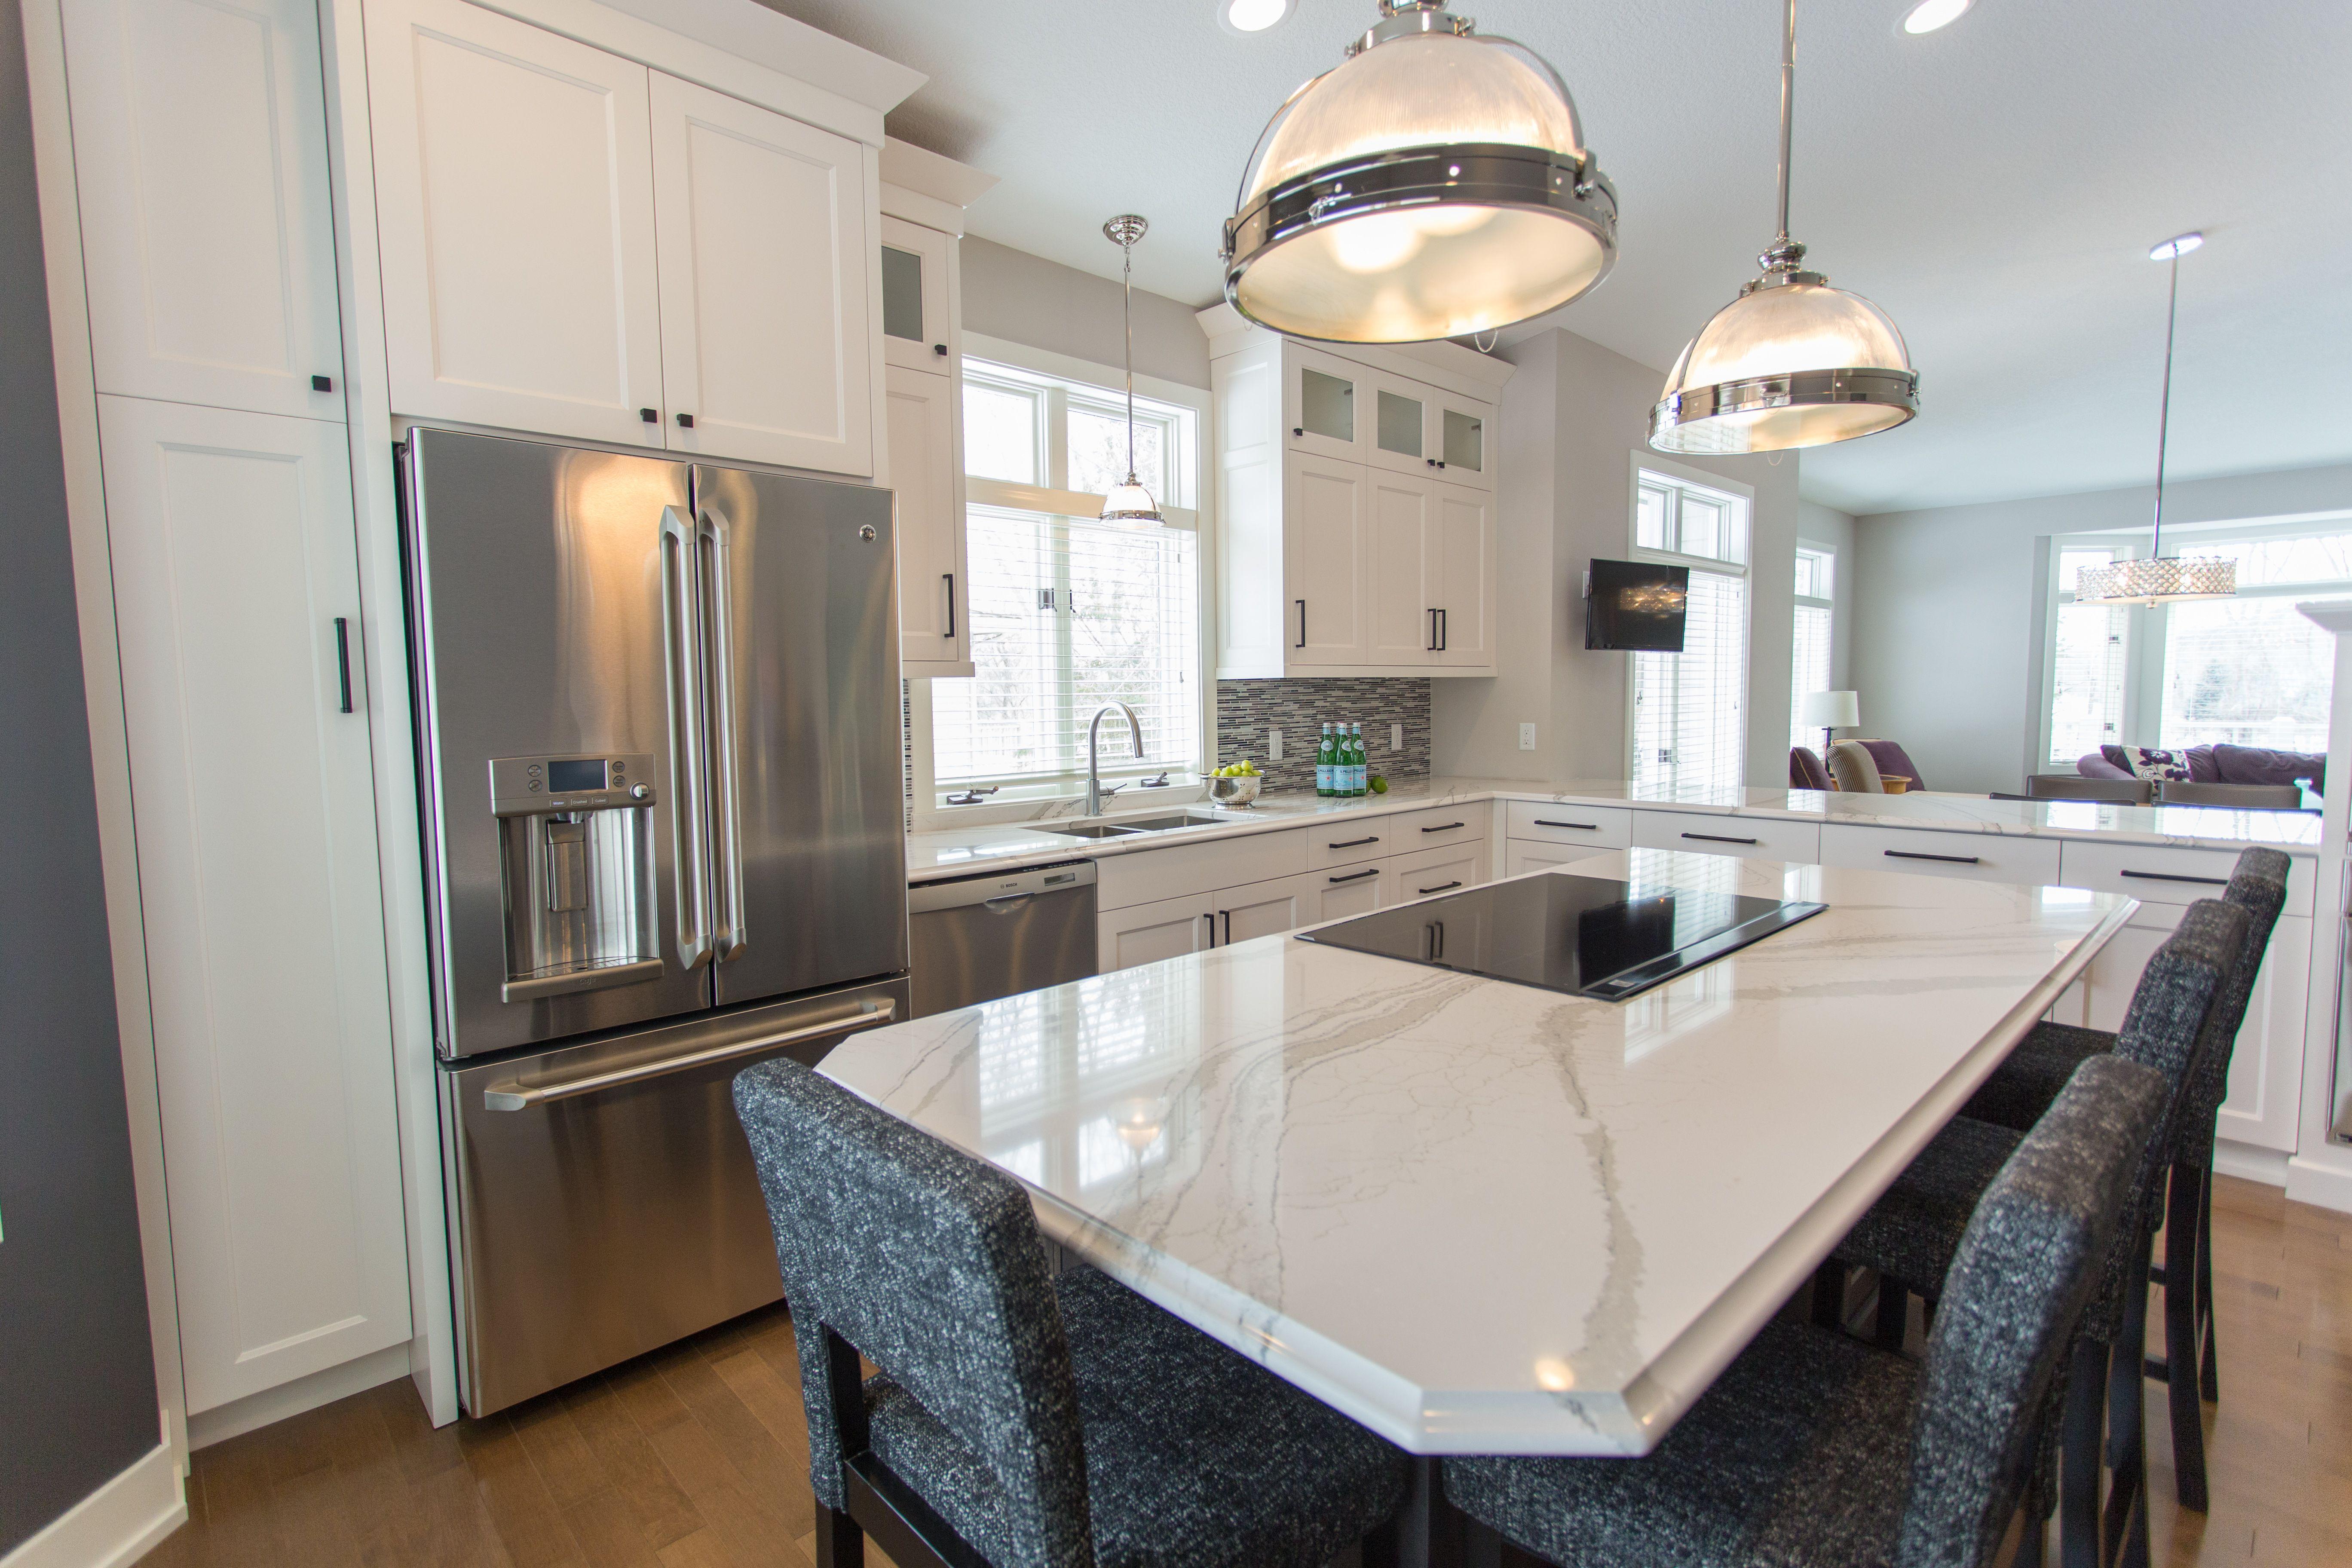 Eden Prairie Kitchen remodel cambriaquartz Britannicca